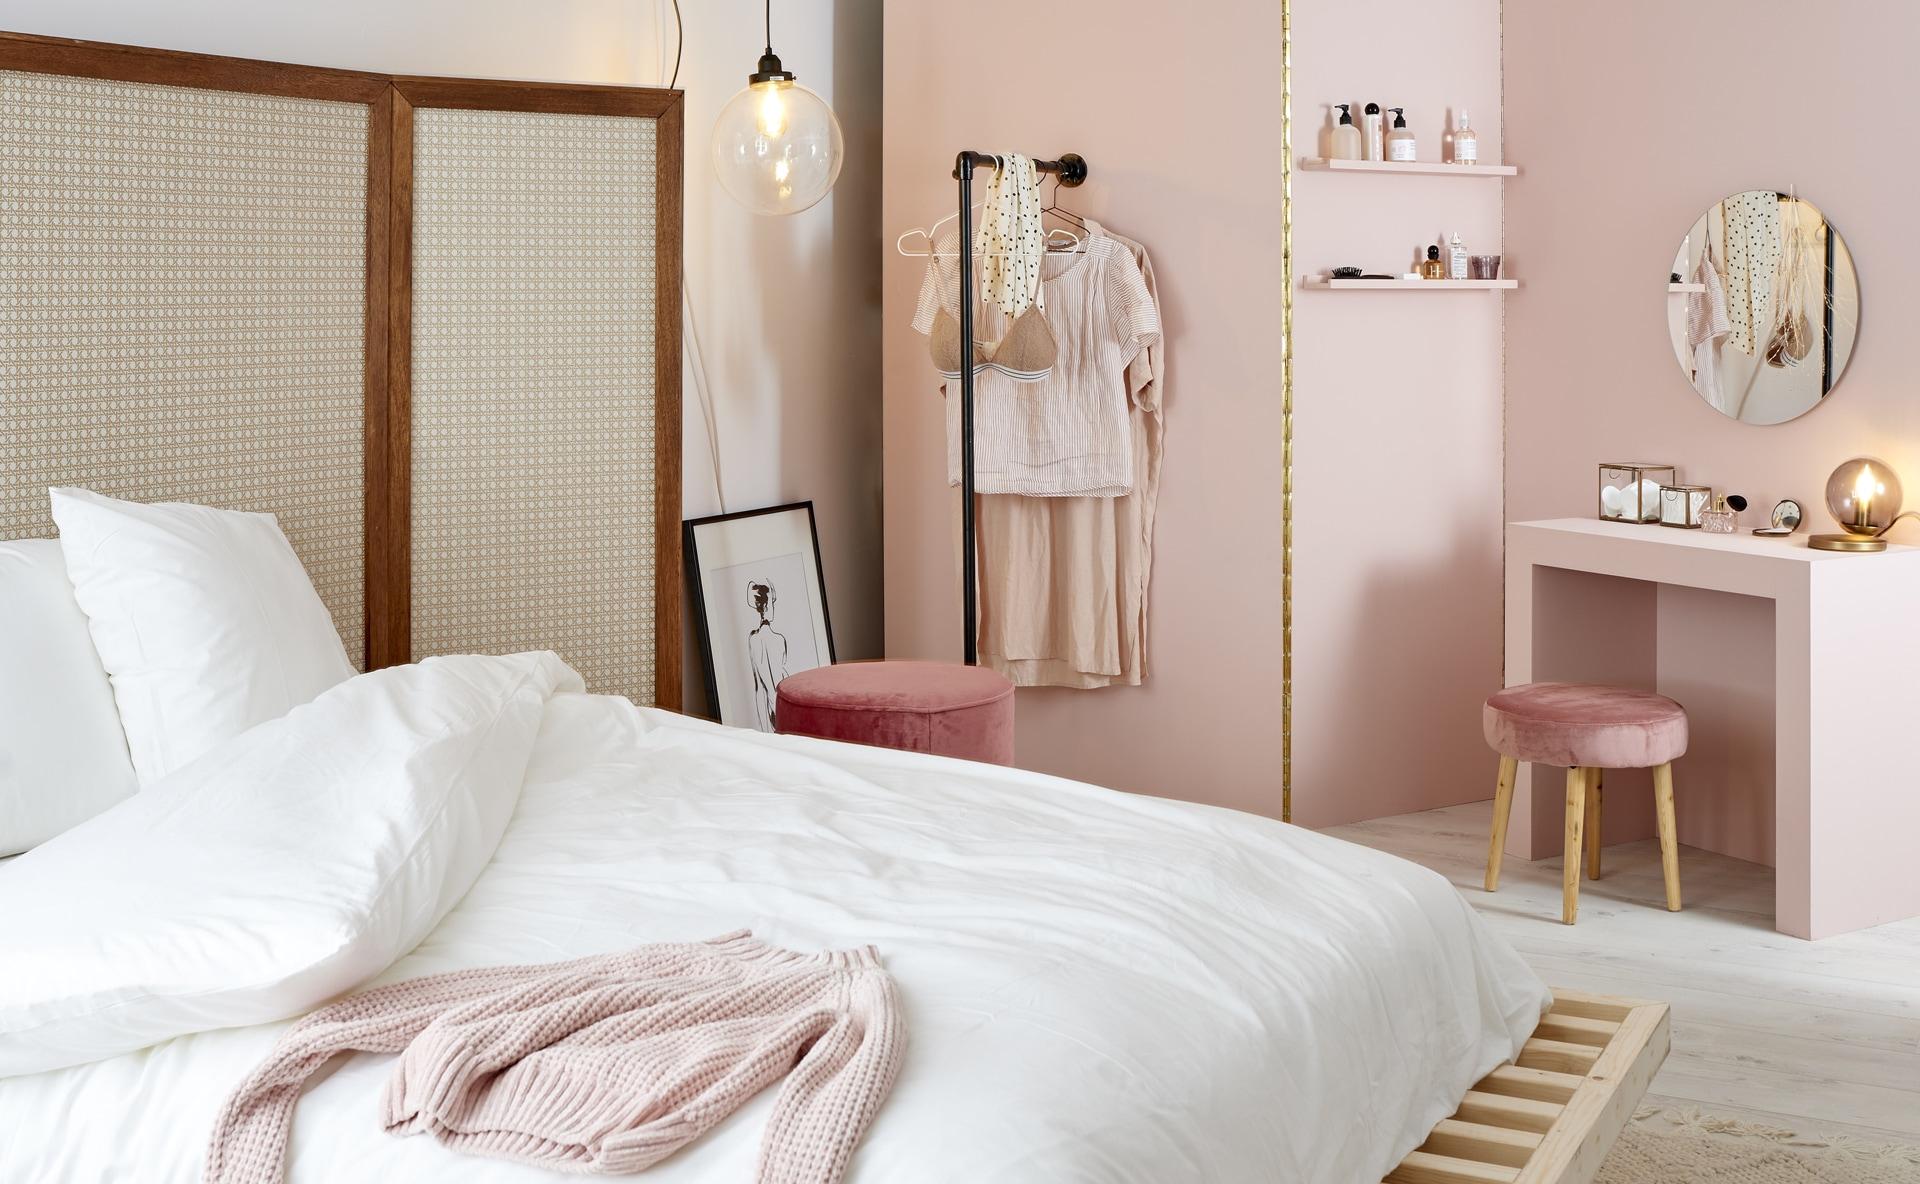 Rolgordijnen Slaapkamer 74 : Shop bij karwei de producten uit het karwei huis slaapkamer